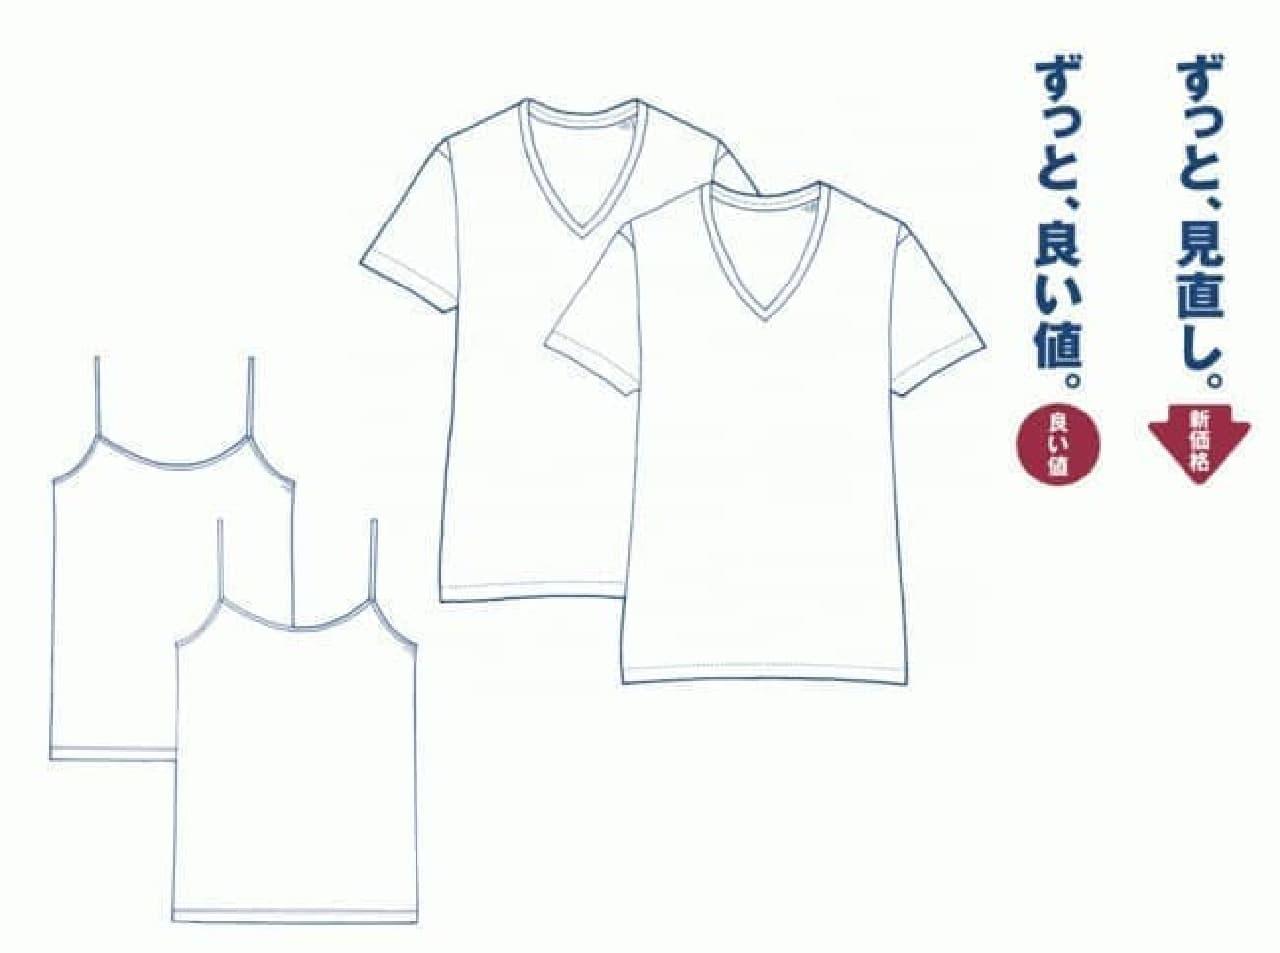 無印の肌着が値下げ!2枚組キャミソール・VネックTシャツなど